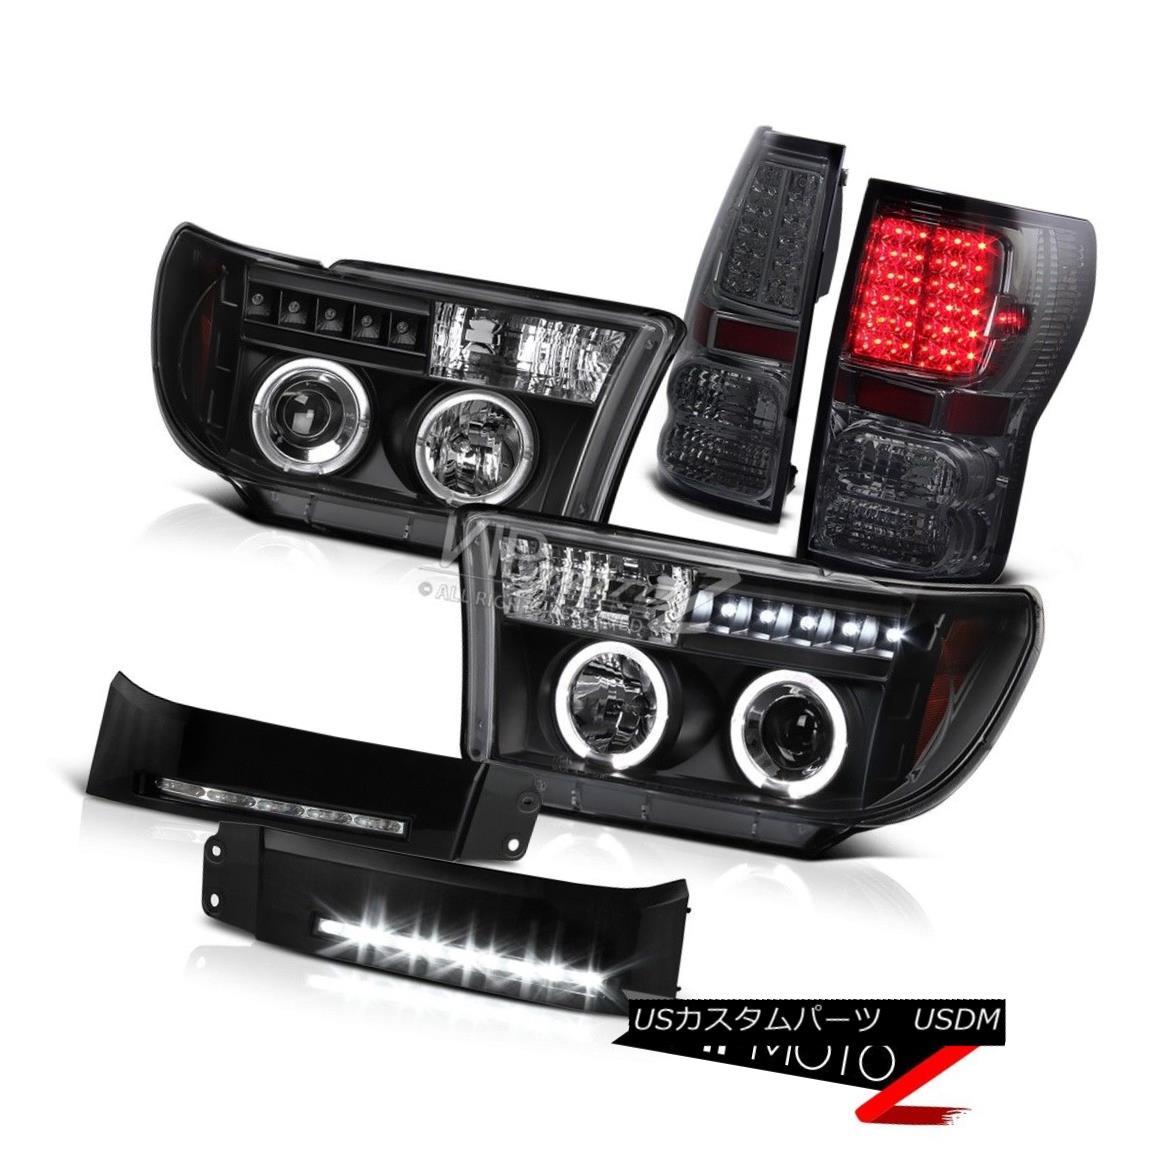 ヘッドライト 07-13 Tundra PickUp Truck Black Smoke Tail Light Halo Headlight Fog DRL Lights 07-13トンドラピックアップトラックブラックスモークテールライトハローヘッドライトフォグDRLライト